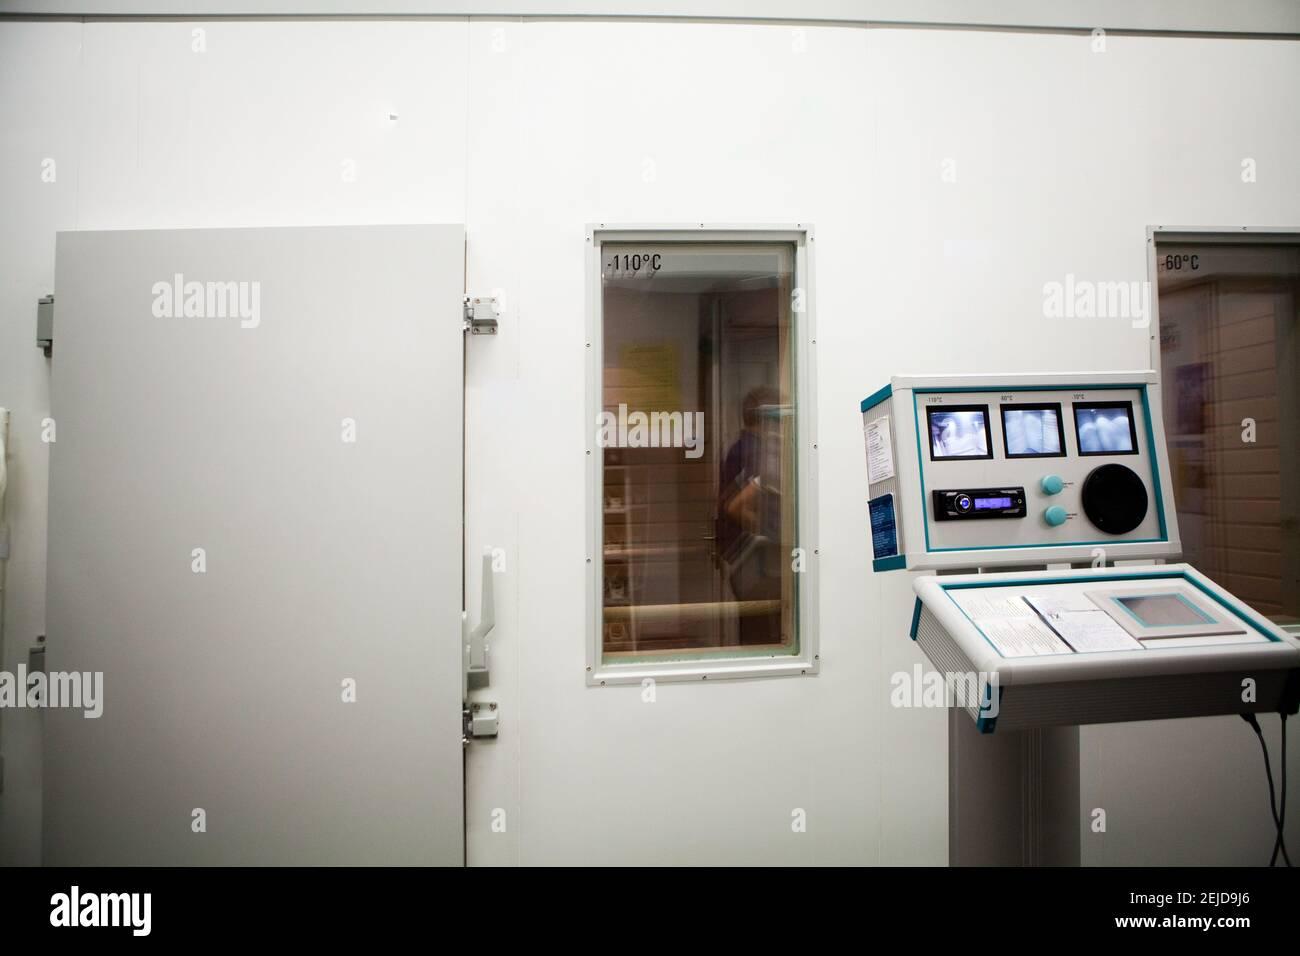 Chambre de cryothérapie corps entier à trois niveaux (-10C, -60C et -110C) pour la récupération des athlètes. Banque D'Images